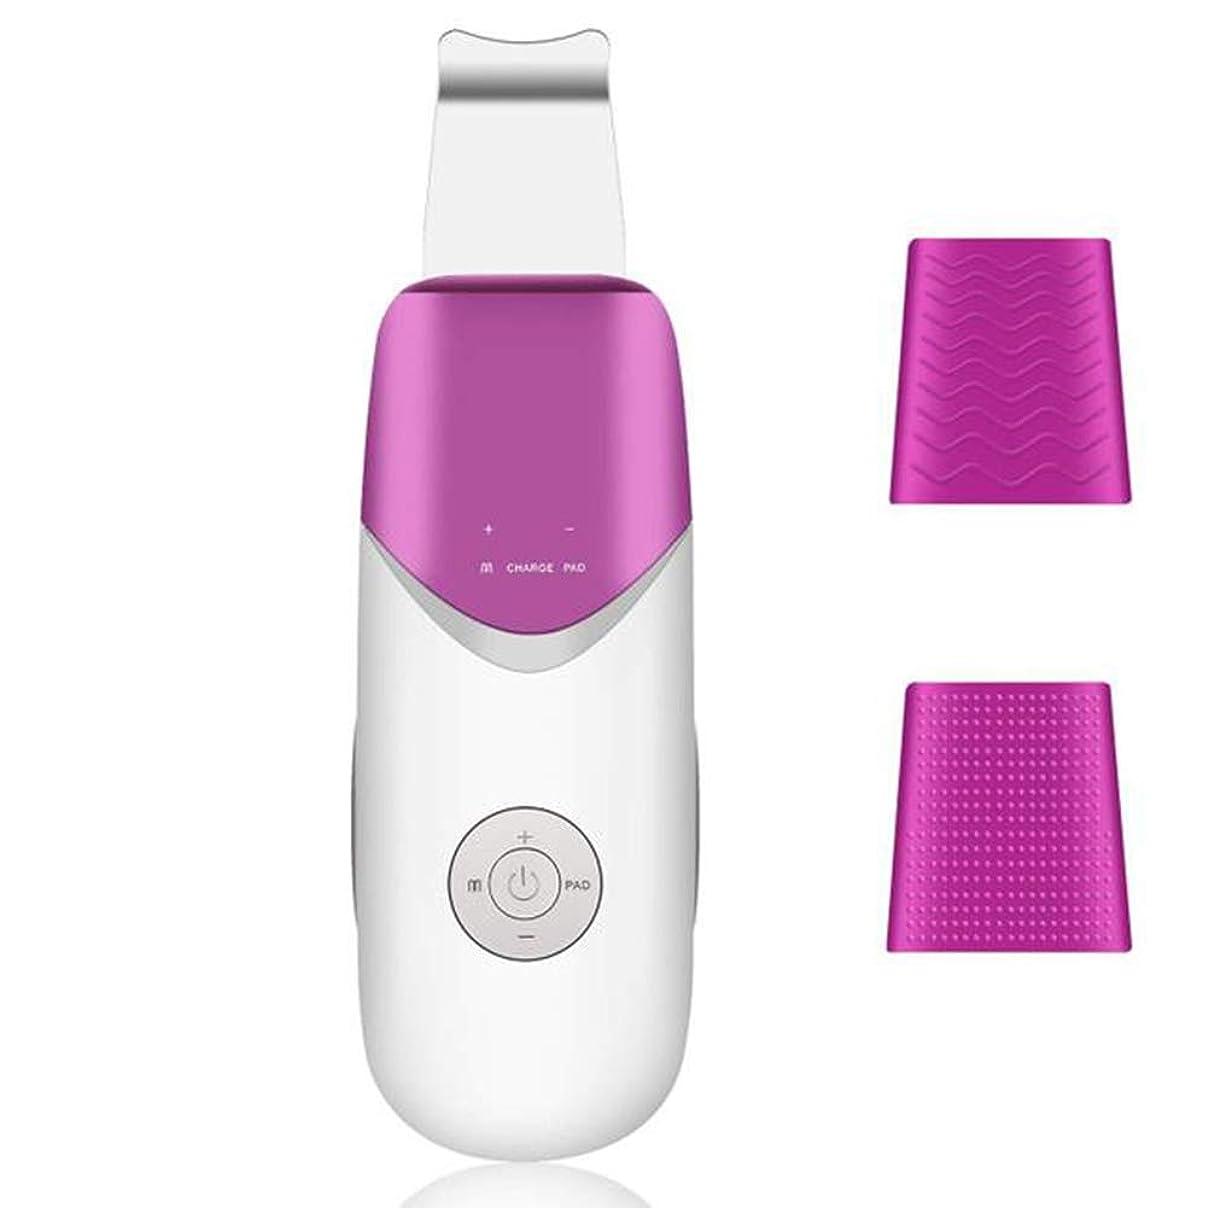 周波数栄光の反抗超音波シャベルスキンマシン、イオン振動美容機器、にきび角質ニキビを削除、肌の水分とオイルを改善